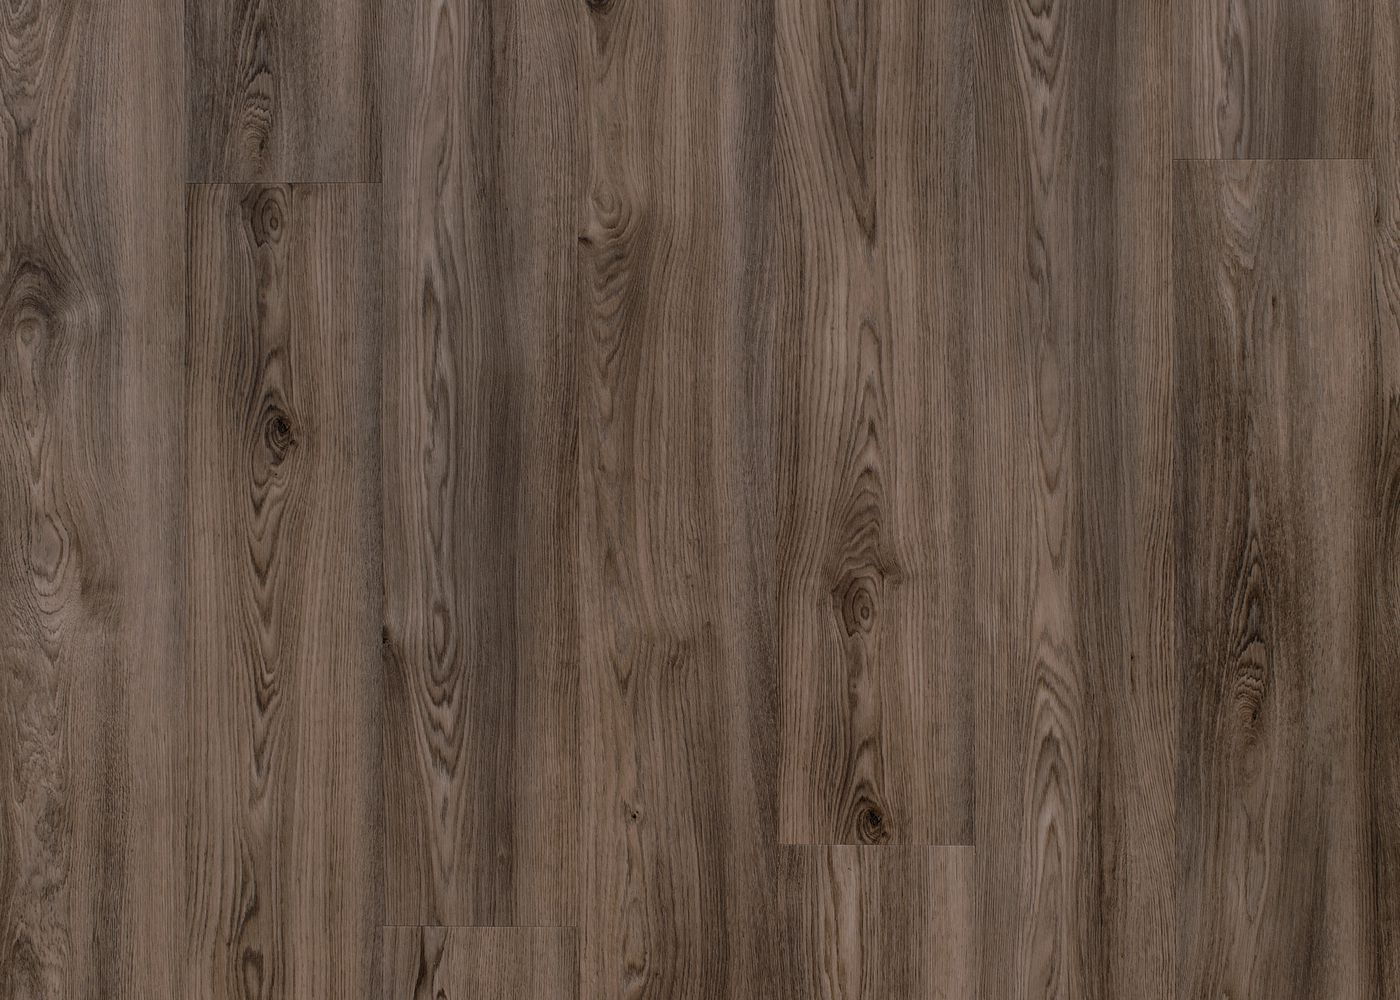 Lames vinyles passage residentiel clipsable 40 monolame g4 décor Chêne columbian 996e - couche d'usure 0,4mm Passage résidentiel